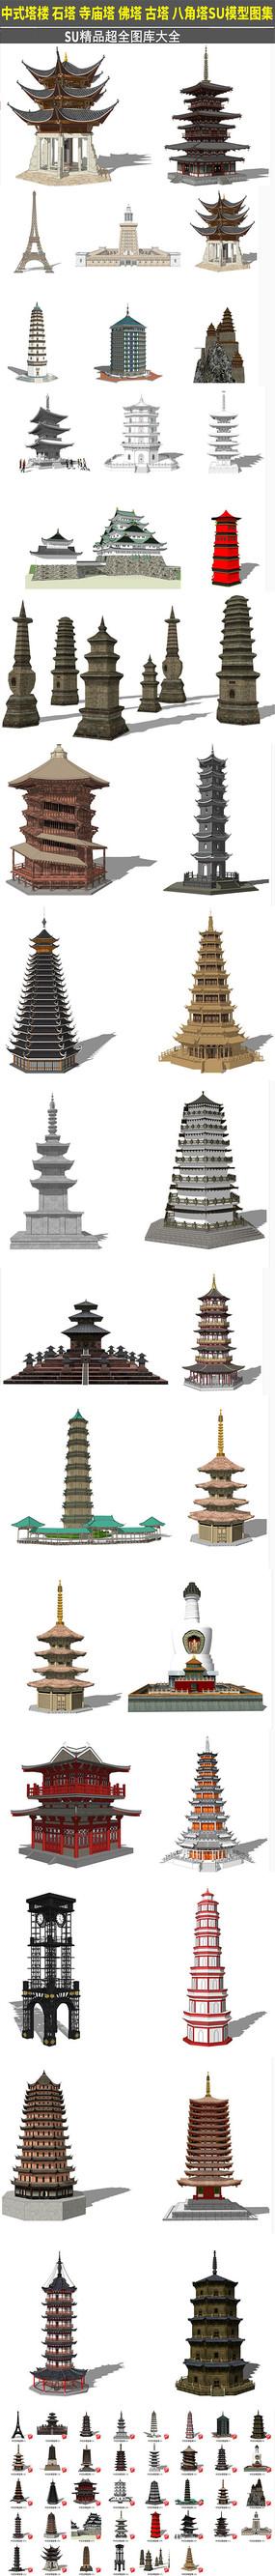 中式塔楼石塔SU模型 skp